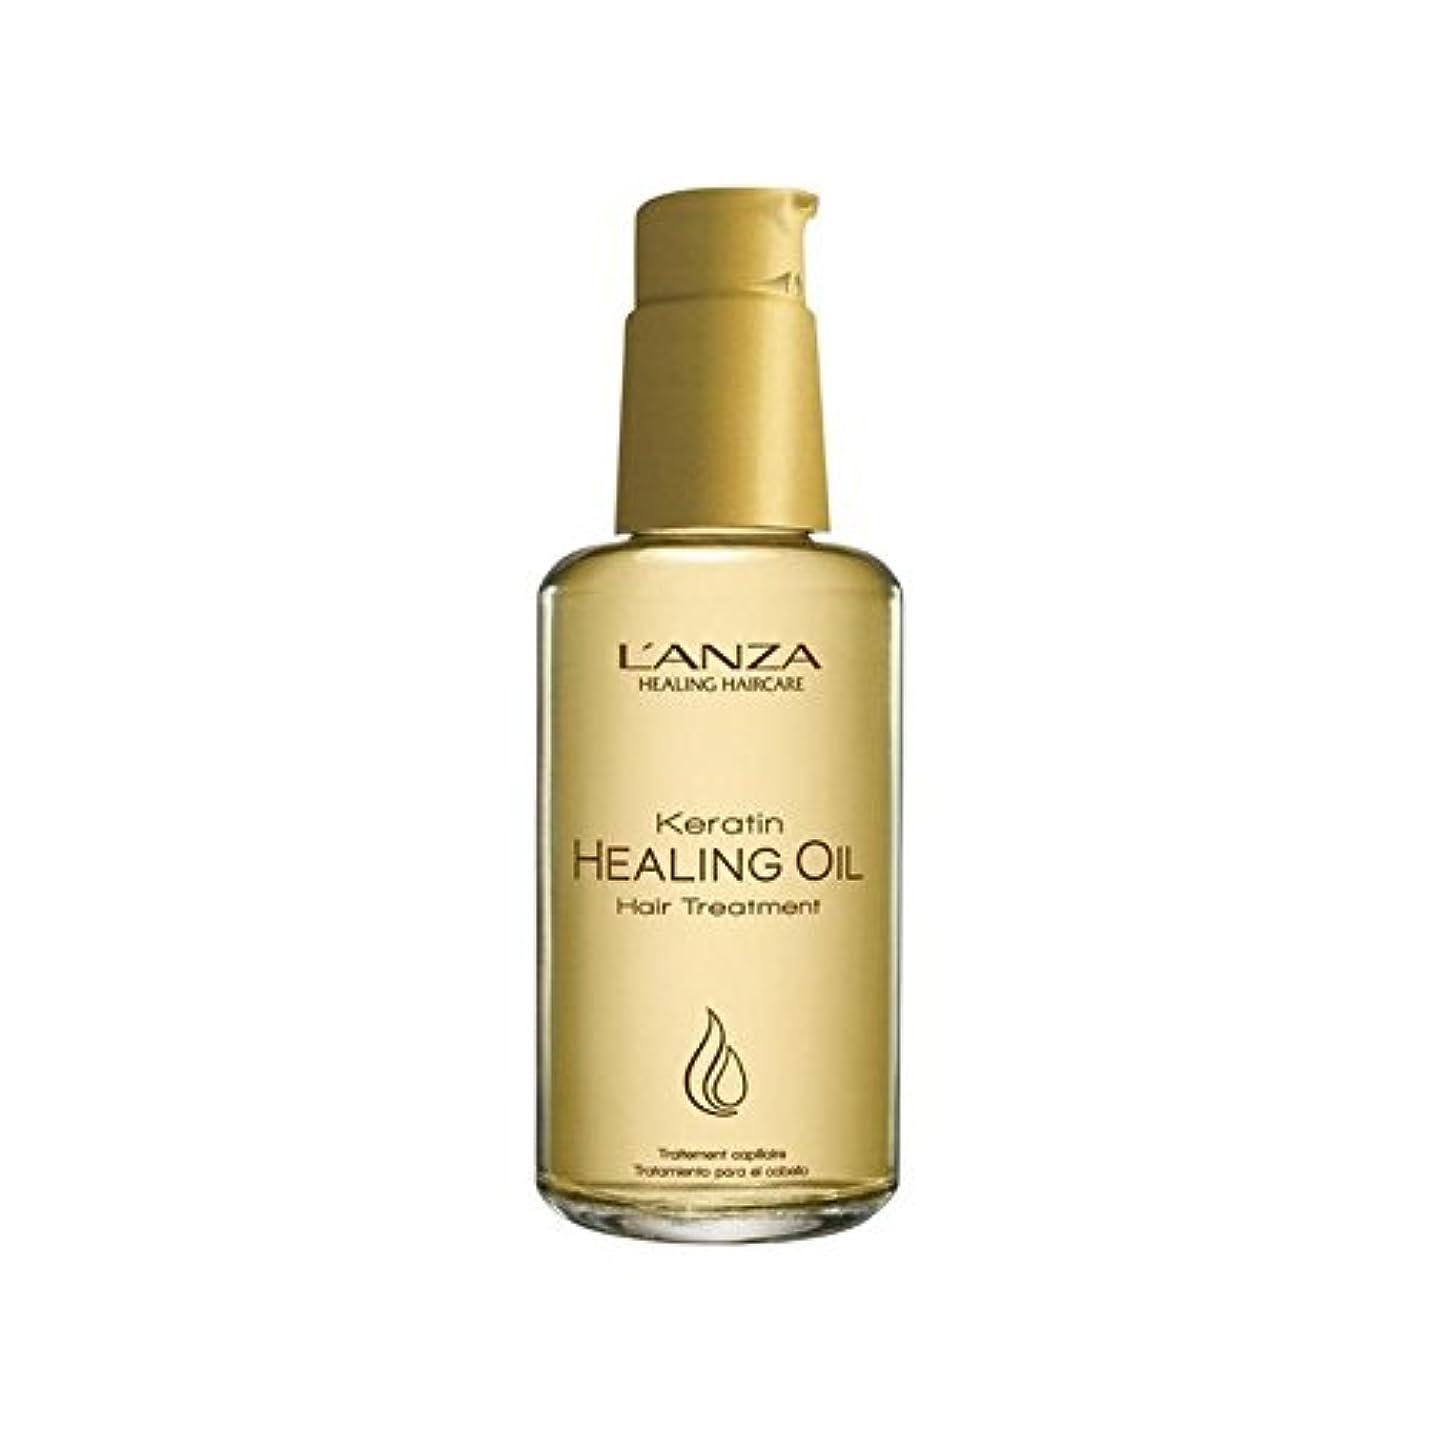 何か検索エンジン最適化ワームL'Anza Keratin Healing Oil Hair Treatment (100ml) (Pack of 6) - アンザケラチンオイルヘアトリートメント(100ミリリットル)を癒し x6 [並行輸入品]